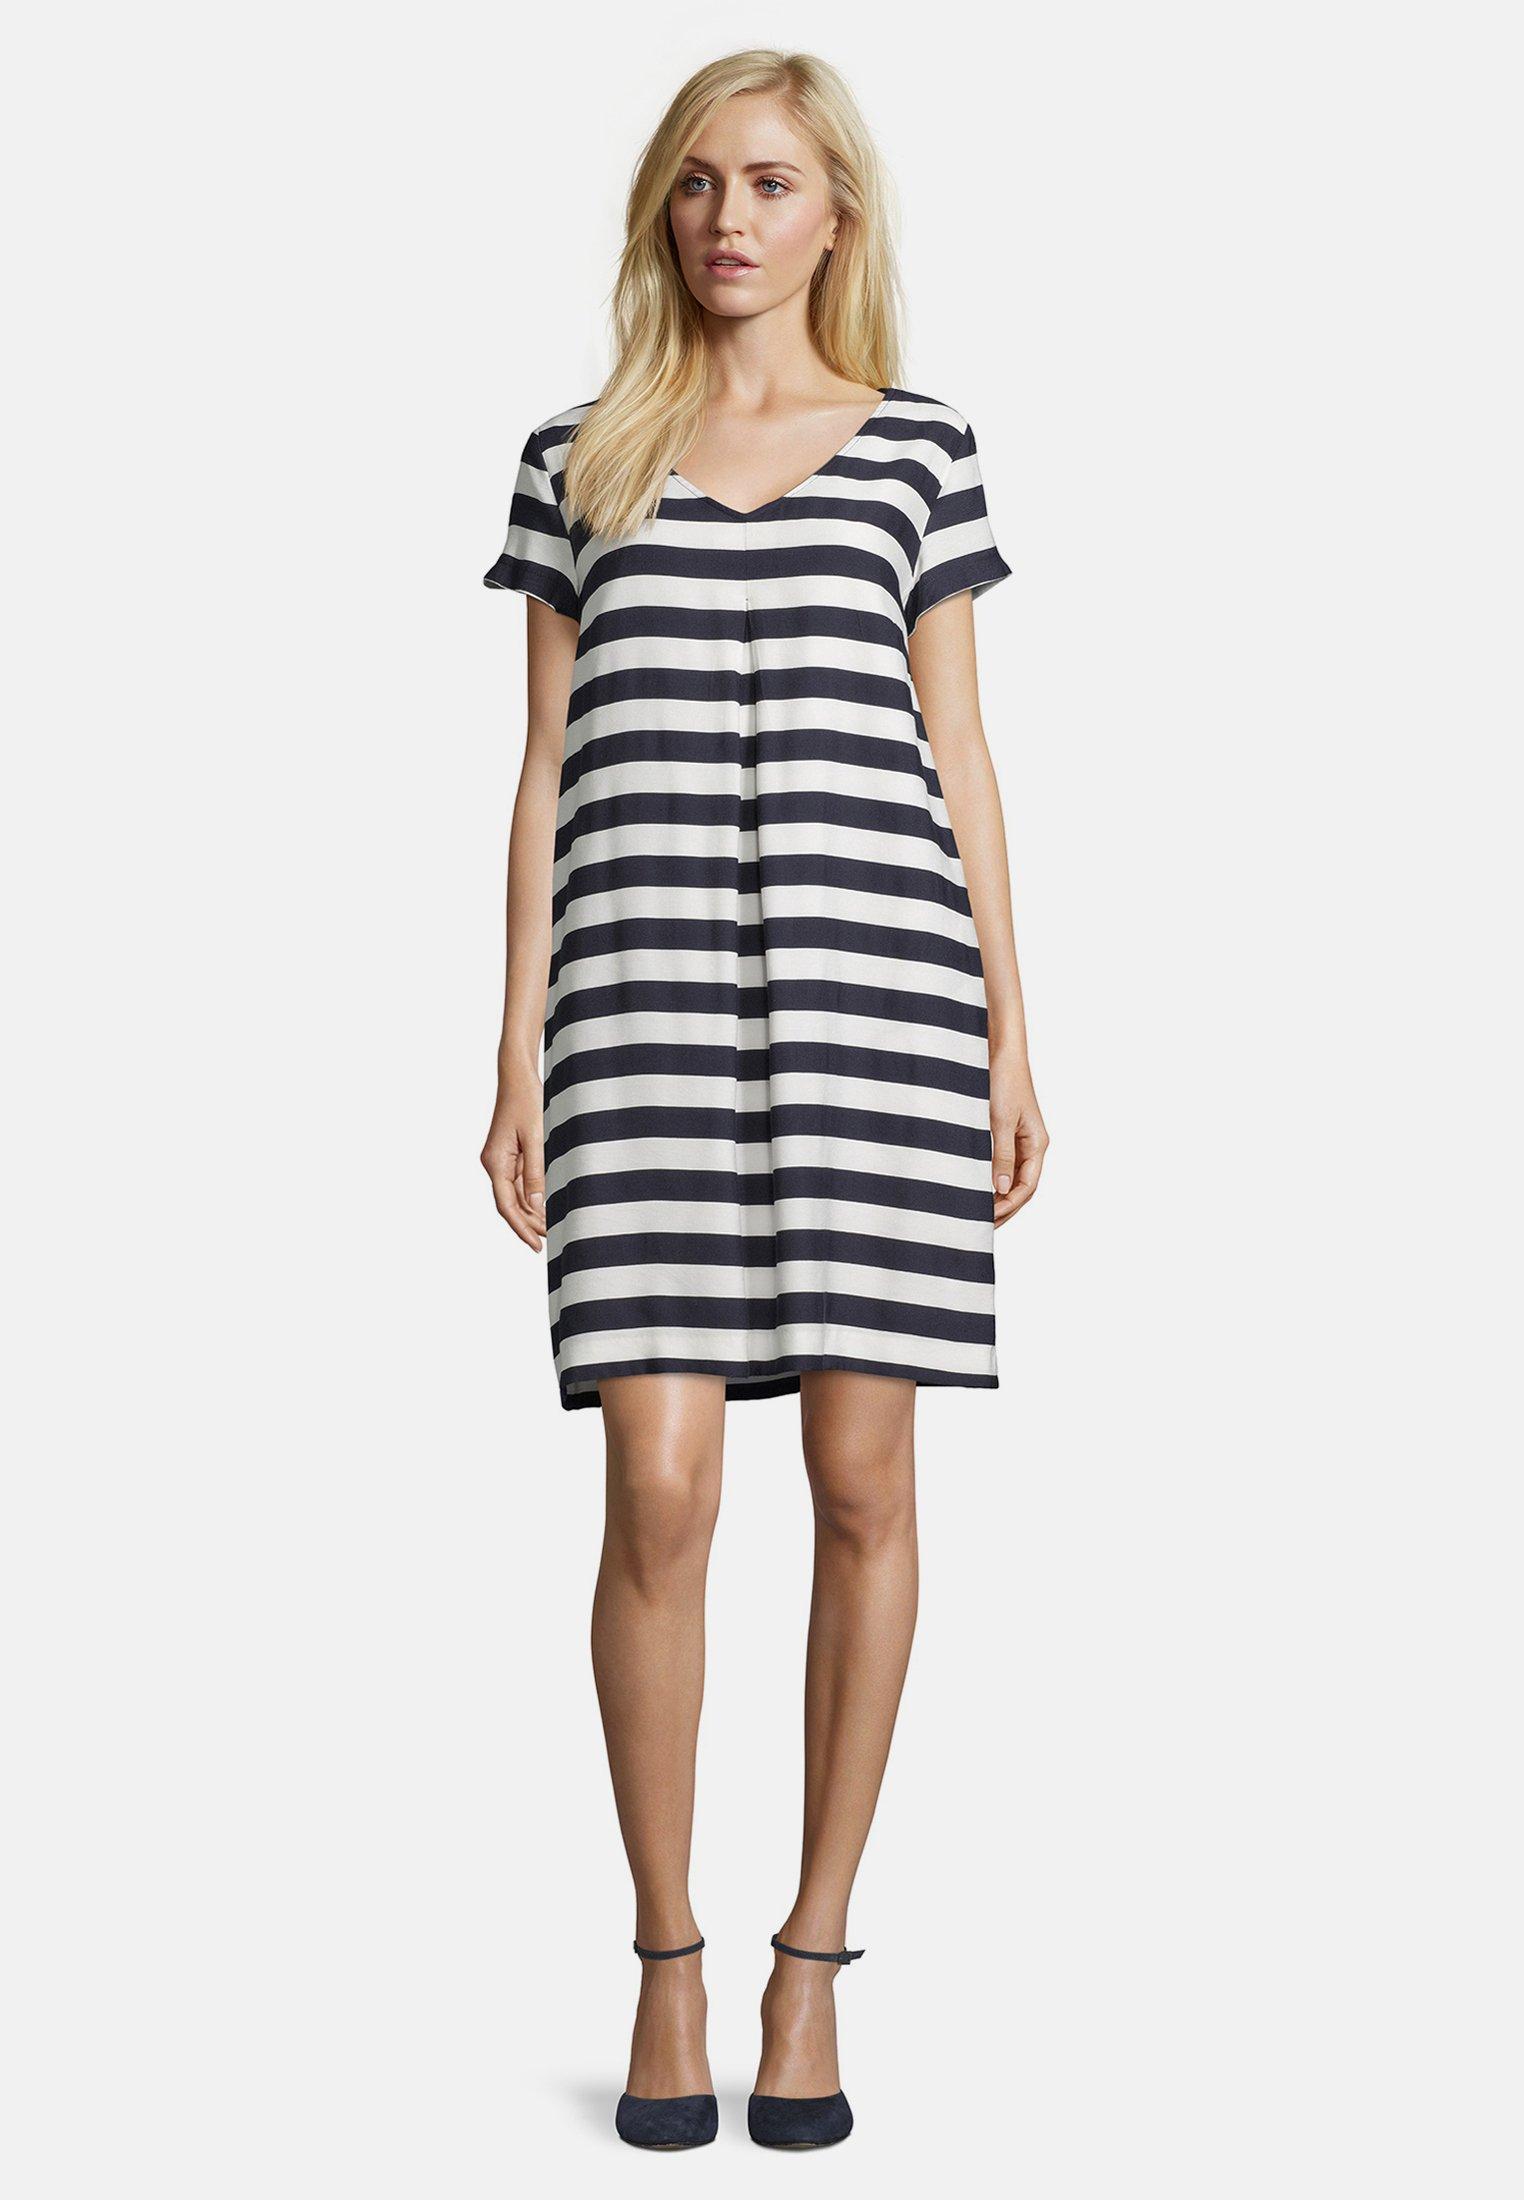 Betty Barclay Freizeitkleid - dunkelblau/weiß | Damenbekleidung 2020